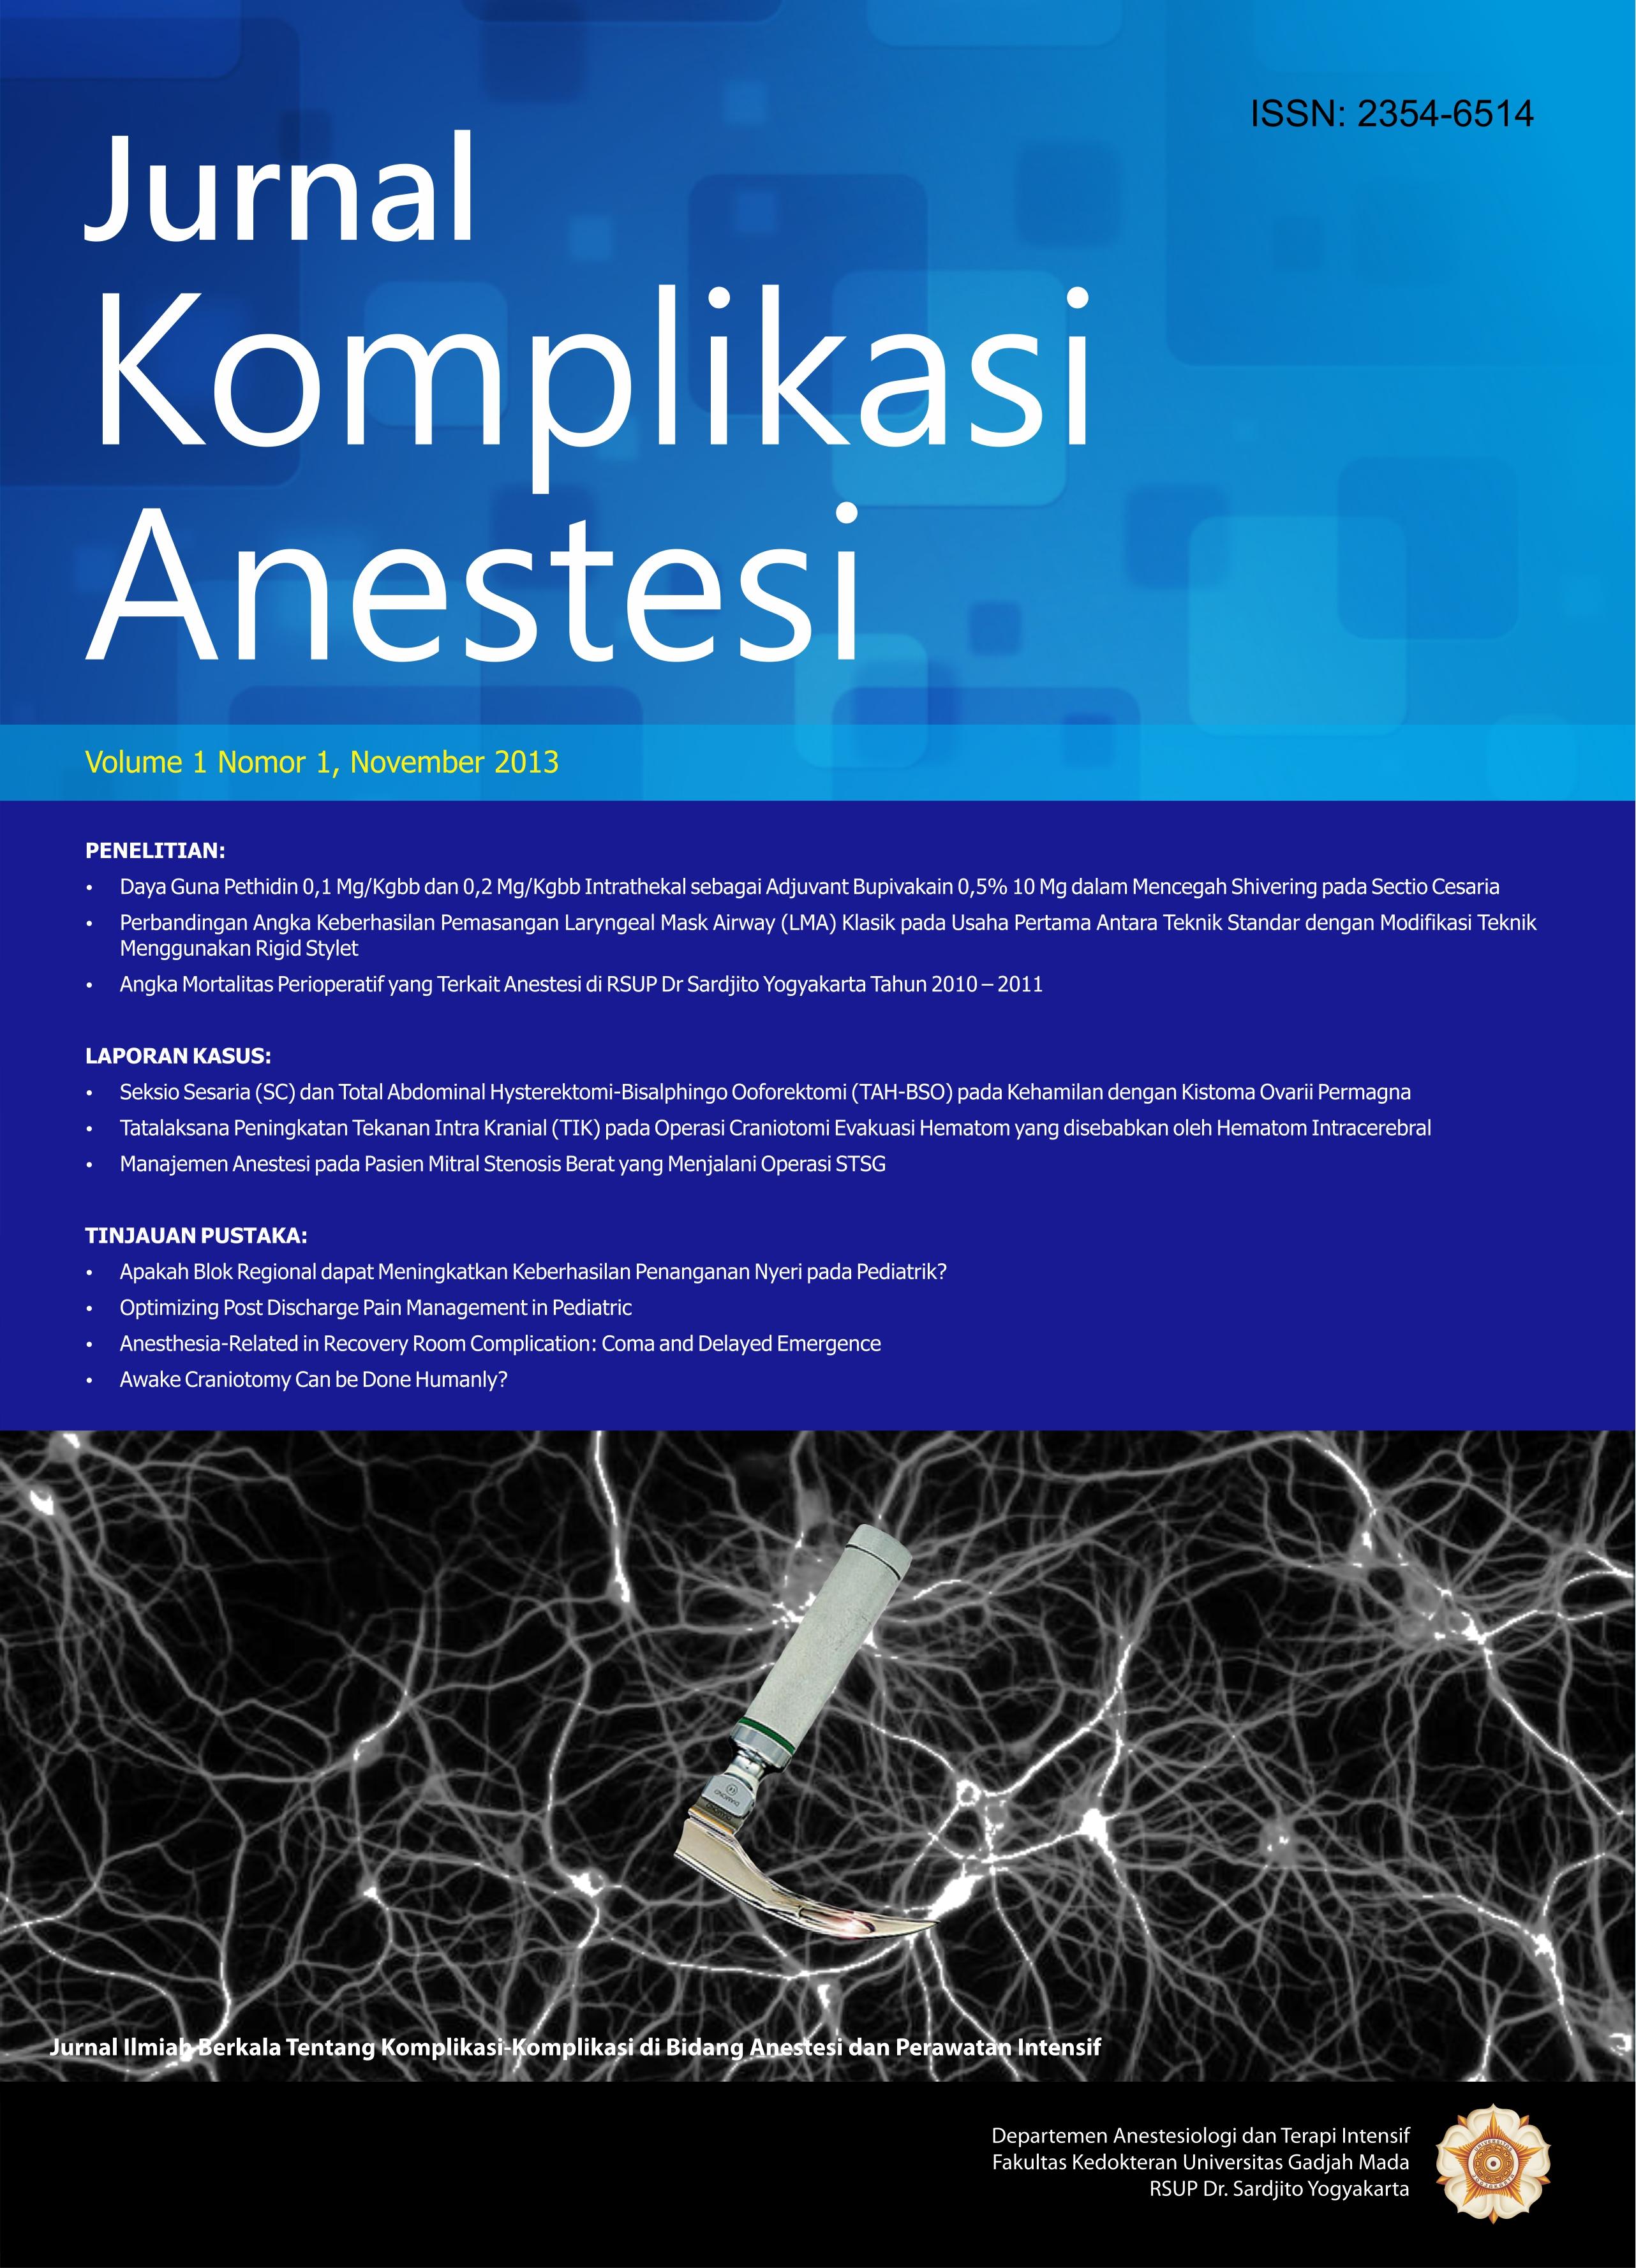 Manajemen Anestesi Pada Pasien Mitral Stenosis Berat Yang Menjalani Operasi Stsg